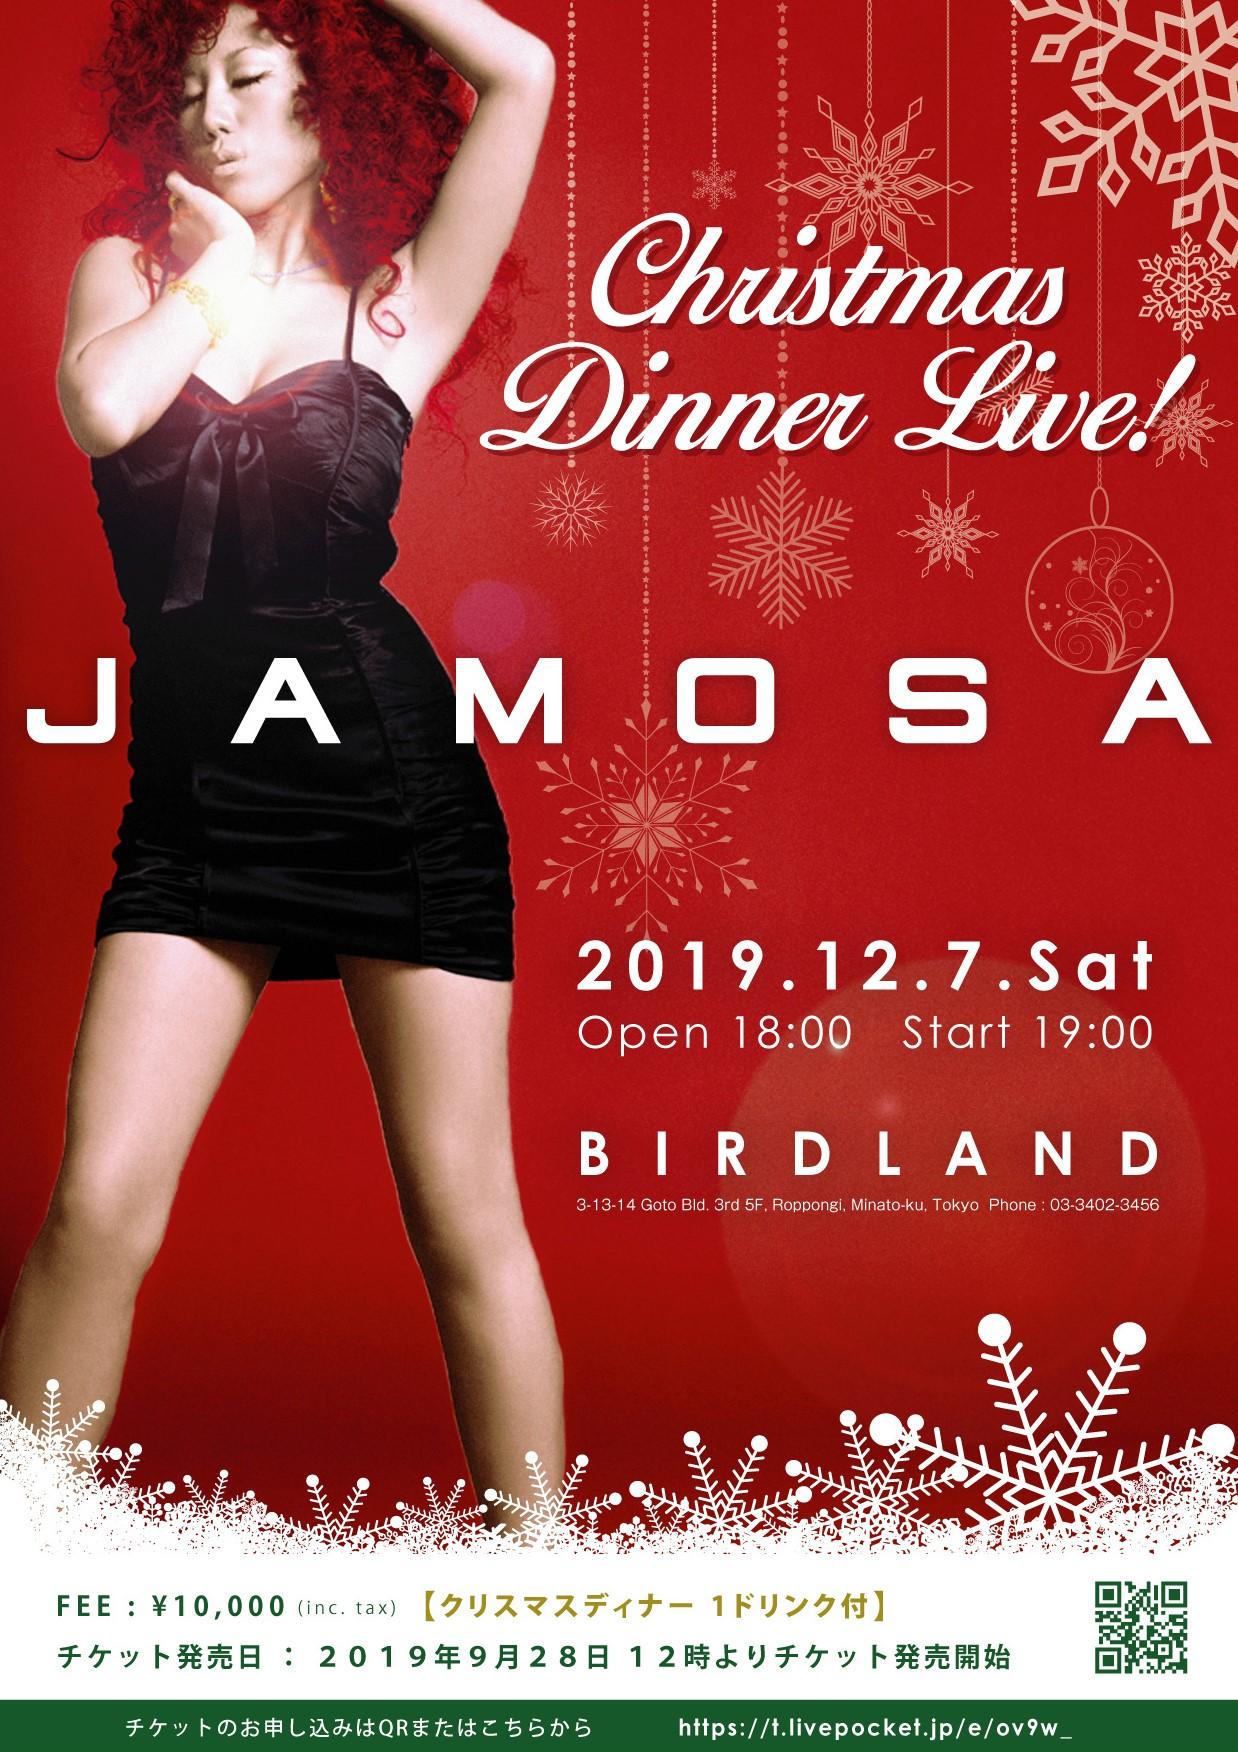 JAMOSA CHRISTMAS DINNER LIVE!